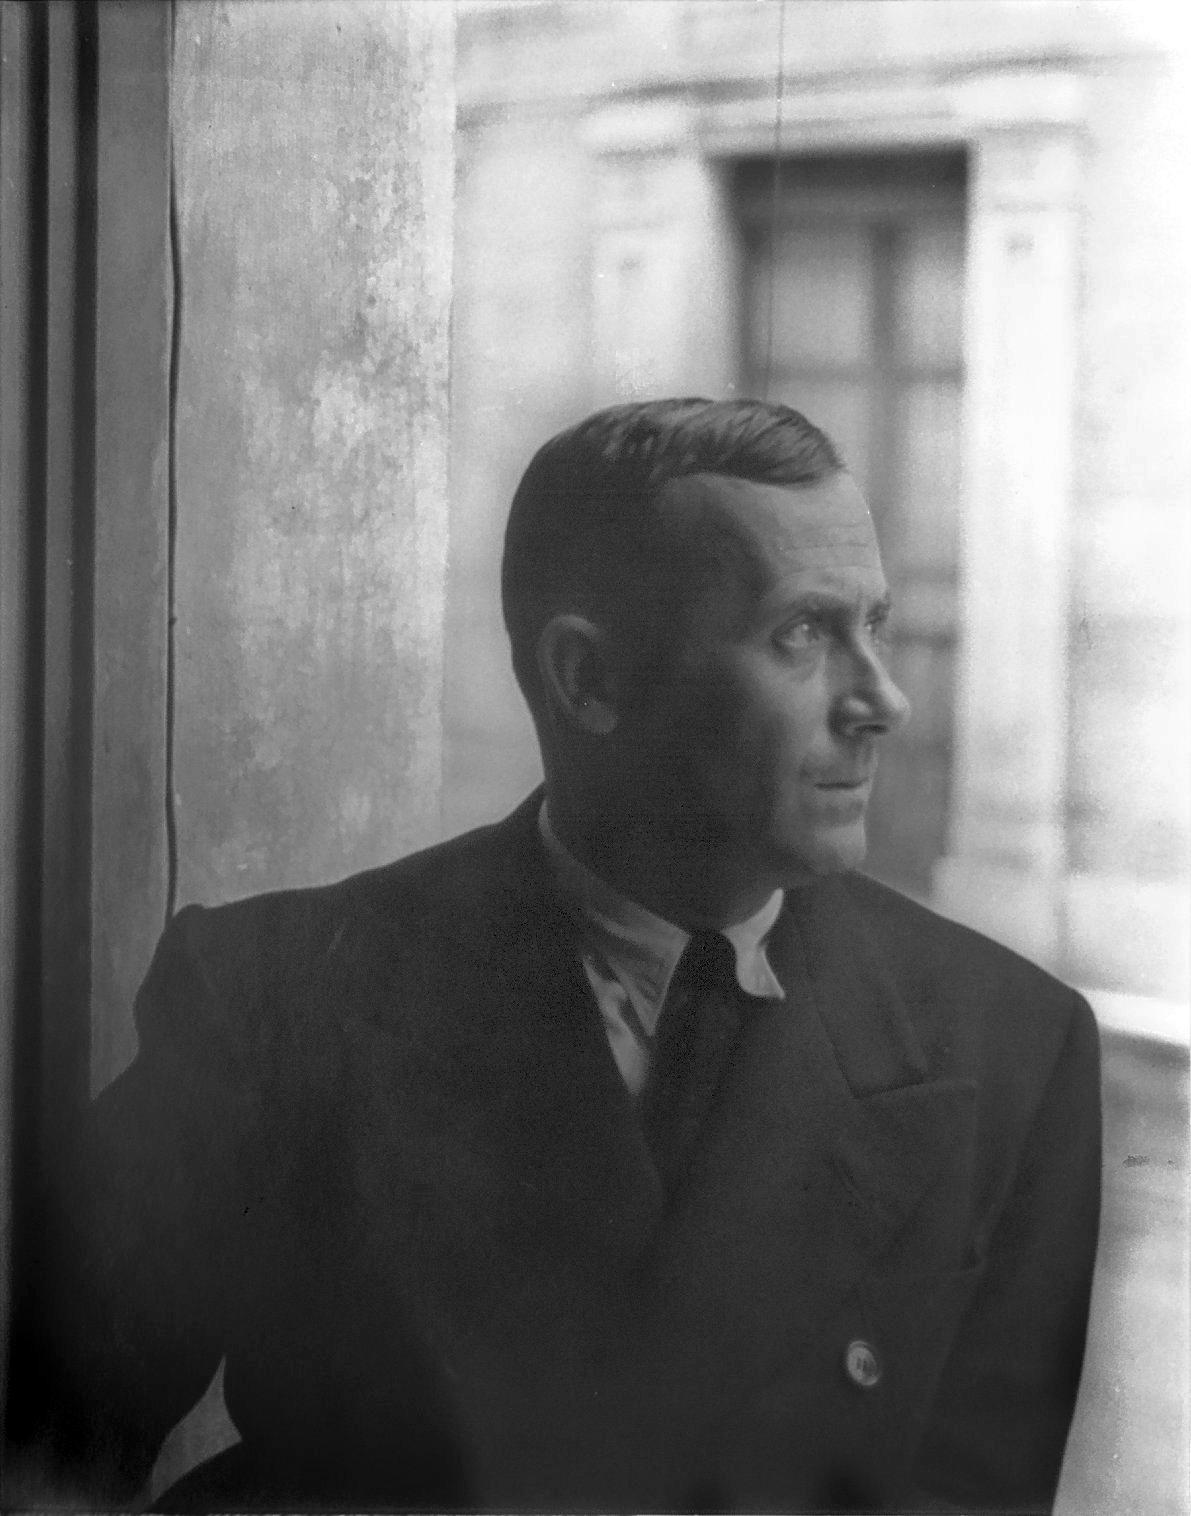 portrait of artist Joan Miró